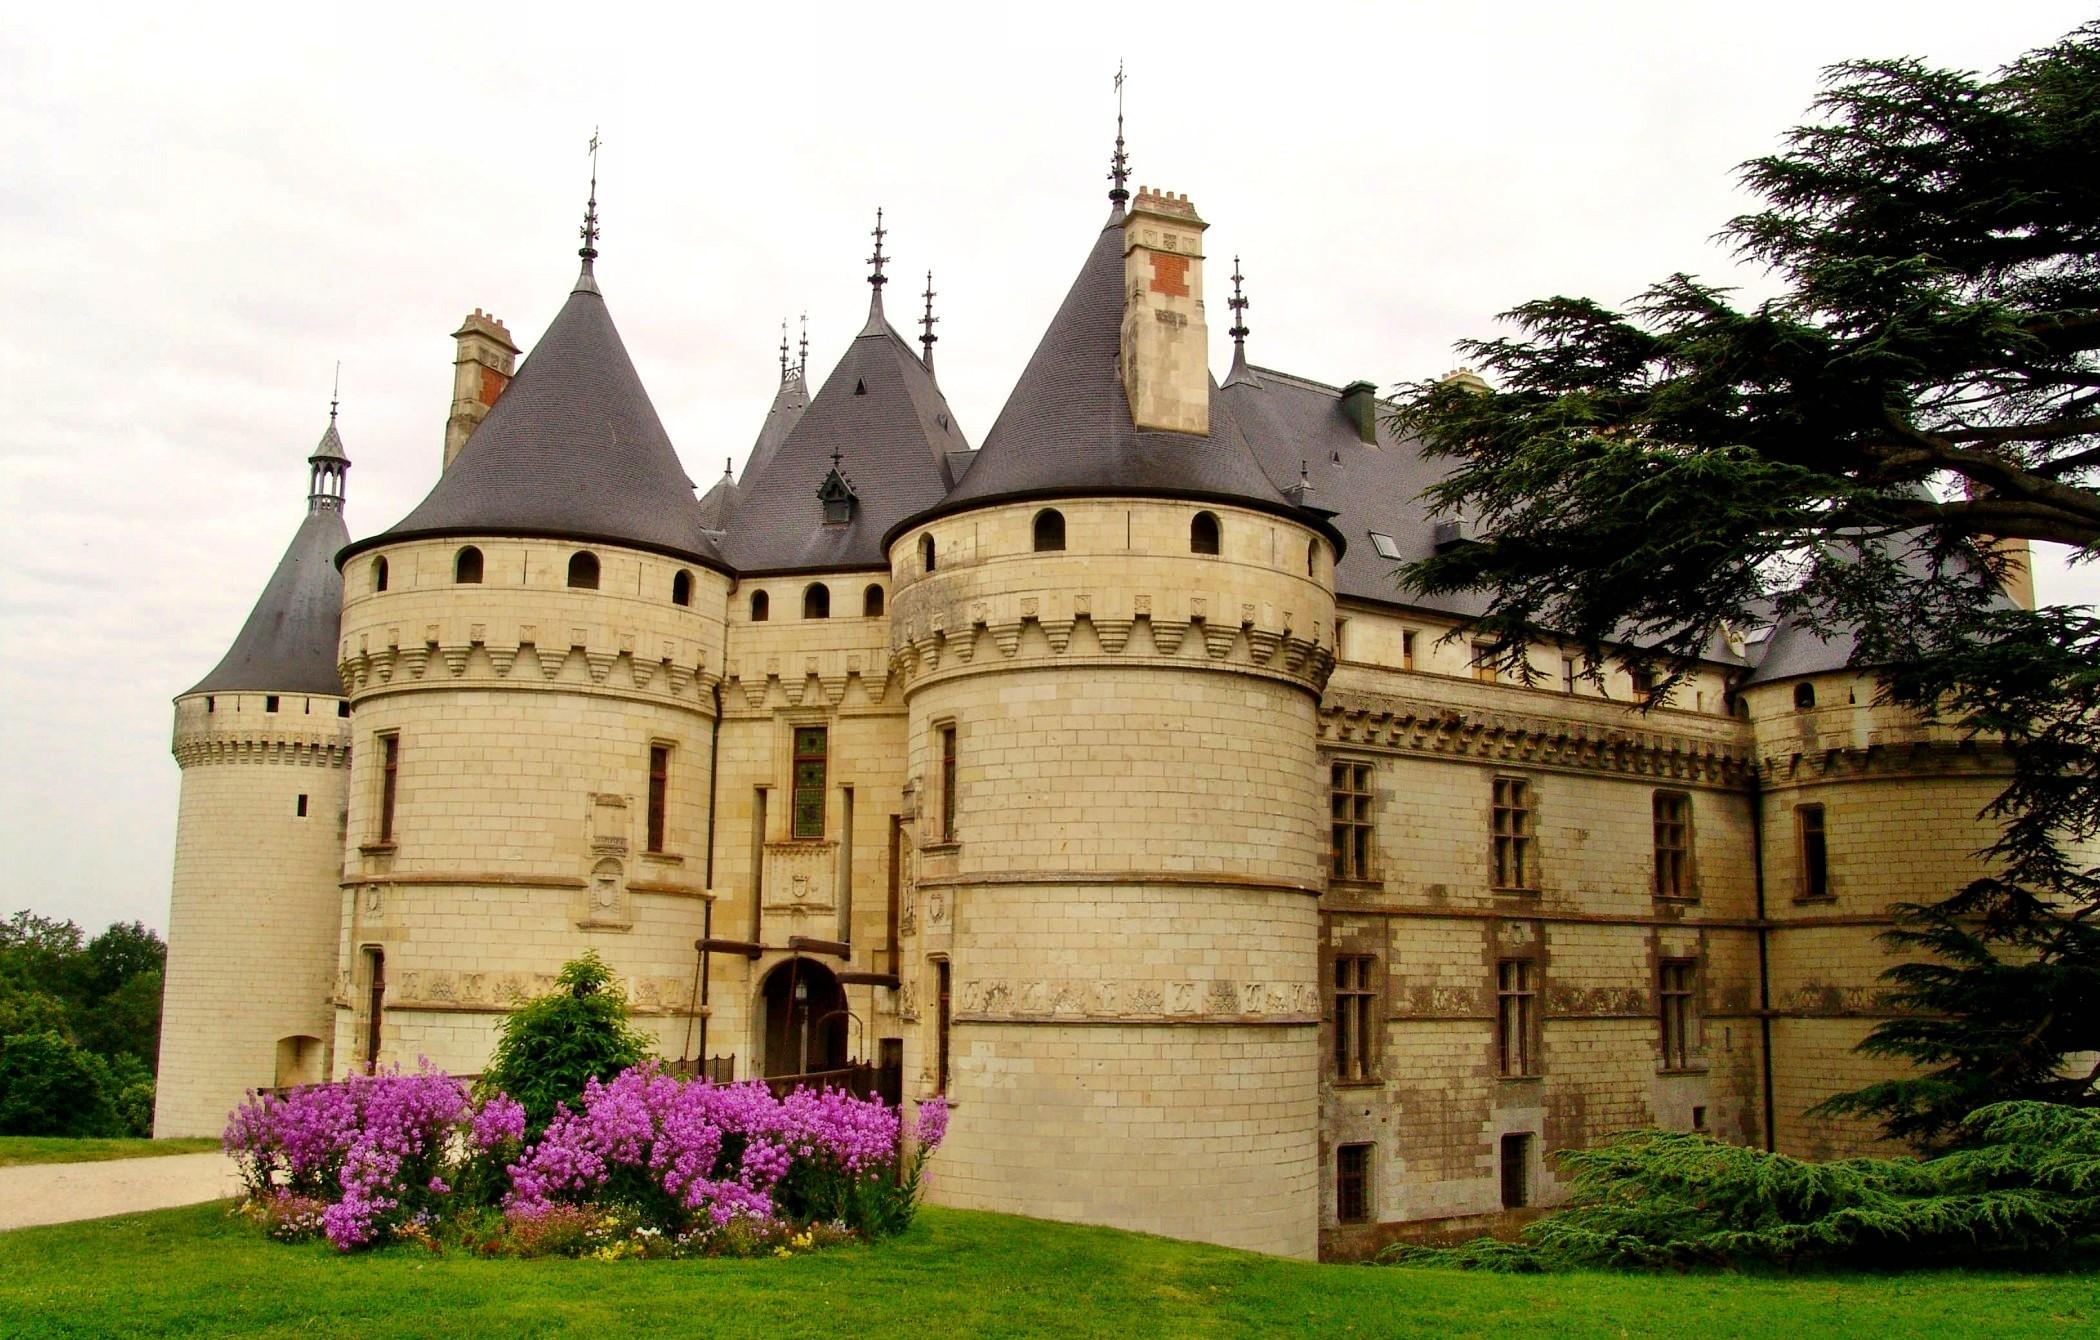 Chateau De Chaumont Sur Loire Fond D Ecran Hd Arriere Plan